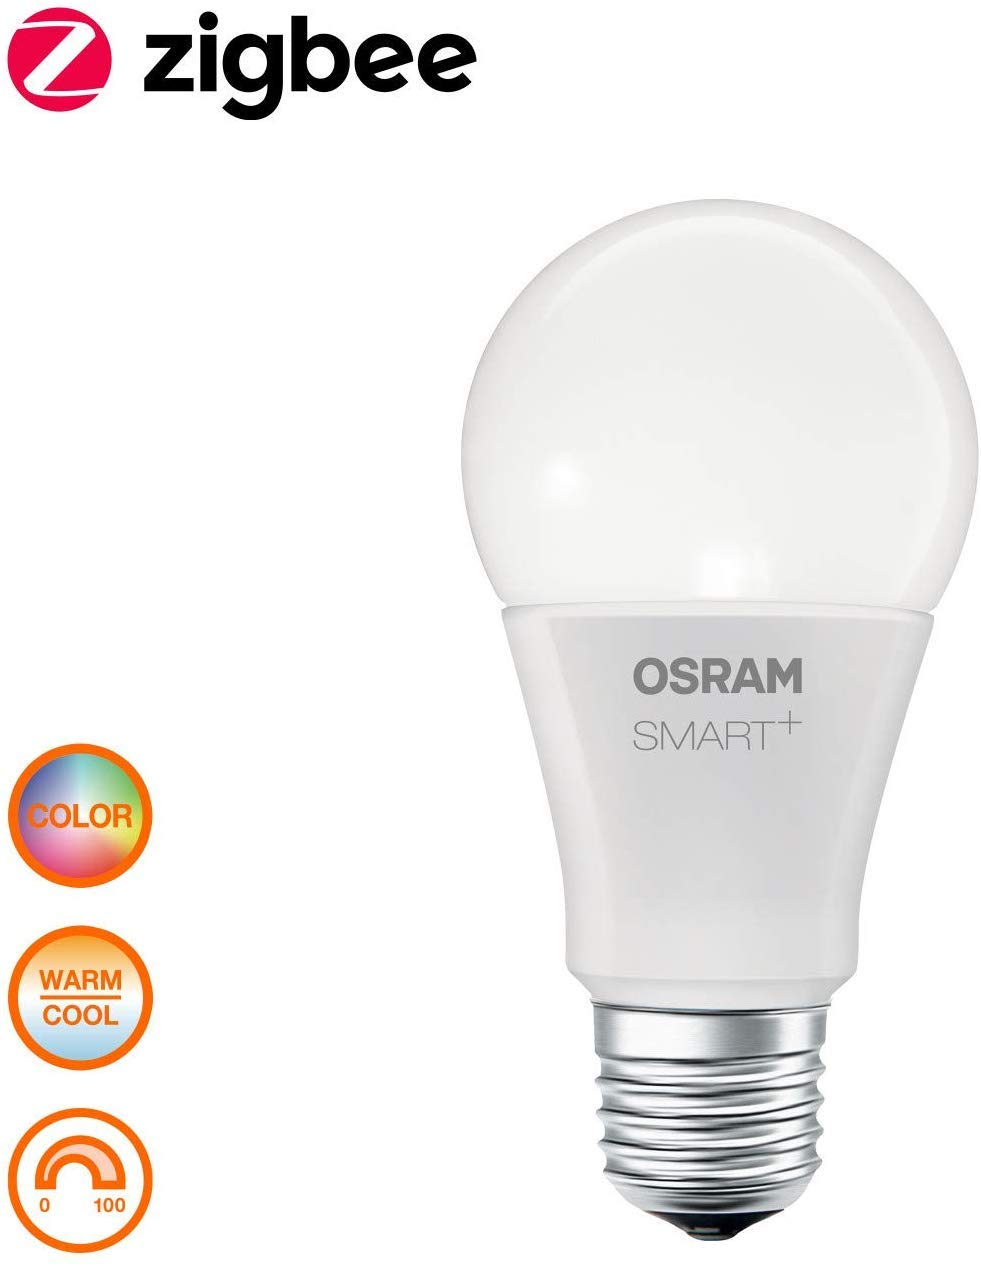 Osram Smart Bombilla Inteligente y Estándar 60 Casquillo con Cambio de Color E27, 10 W, Multicolor, Lote de 1: Amazon.es: Iluminación